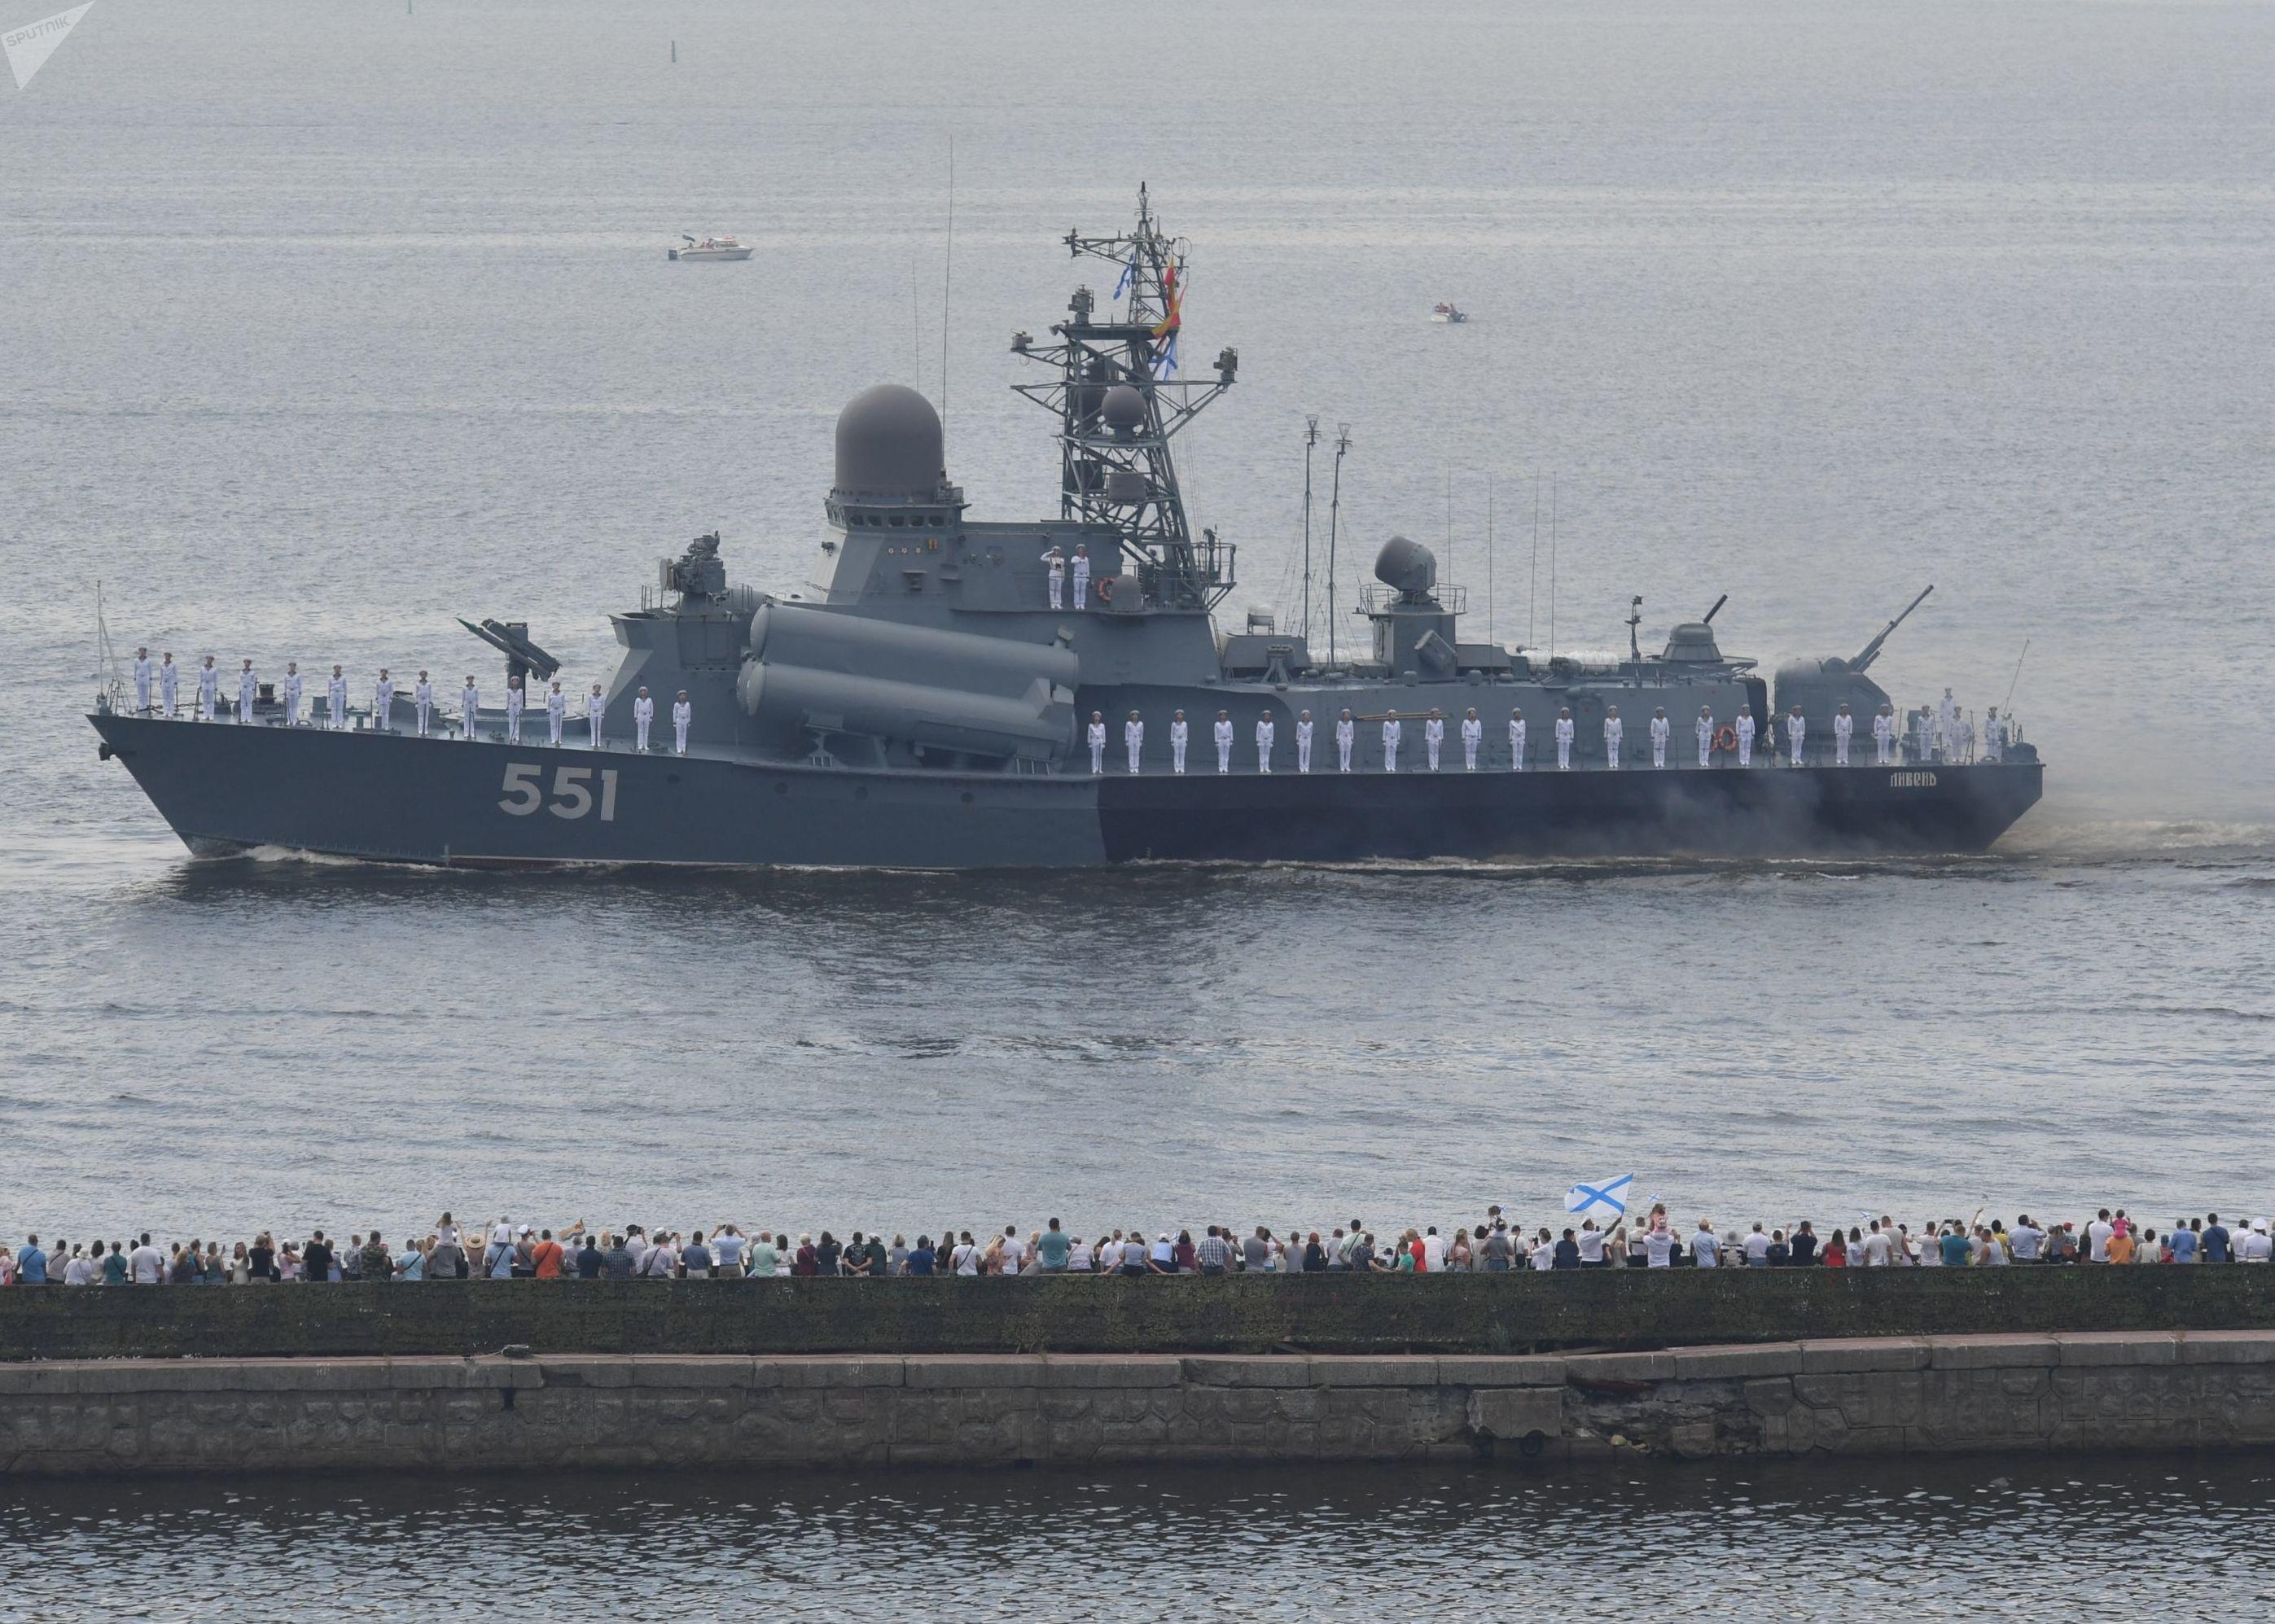 Défilé naval à Kronstadt